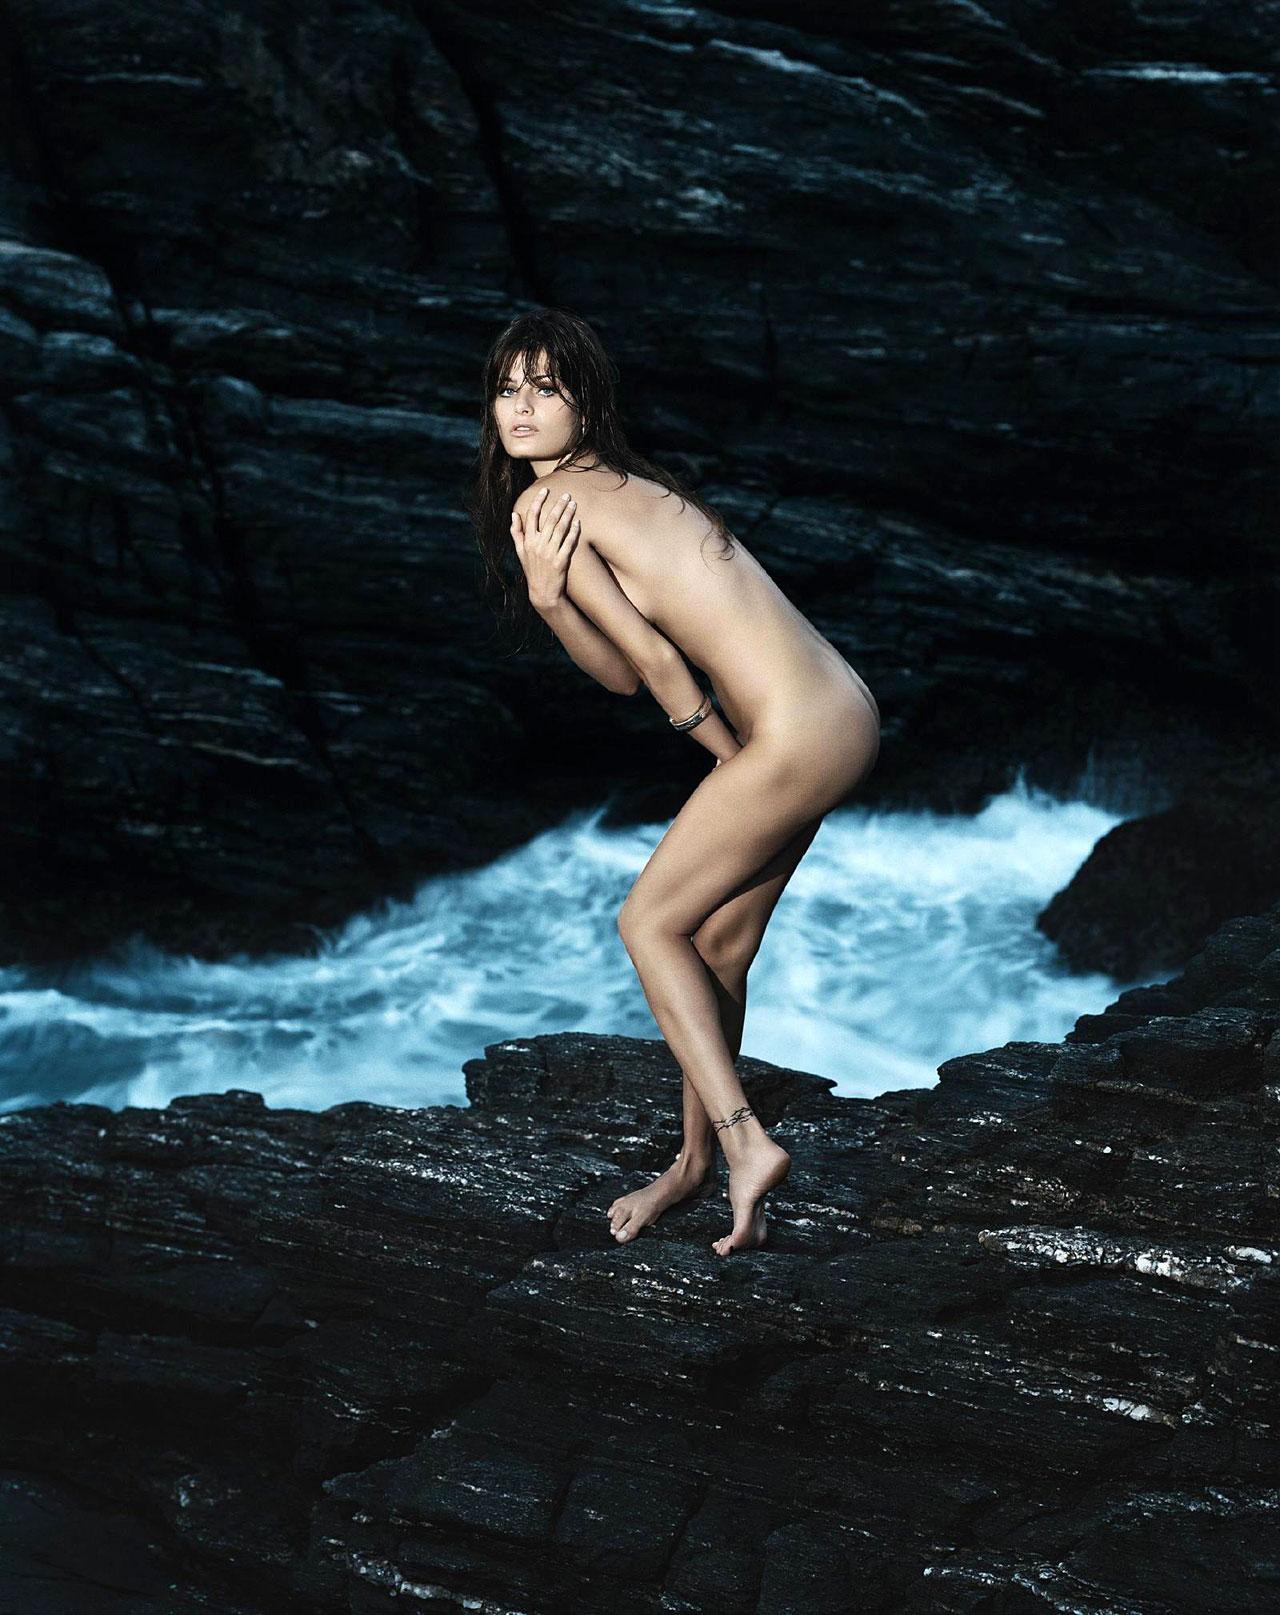 Скс женщин картинки 3 фотография